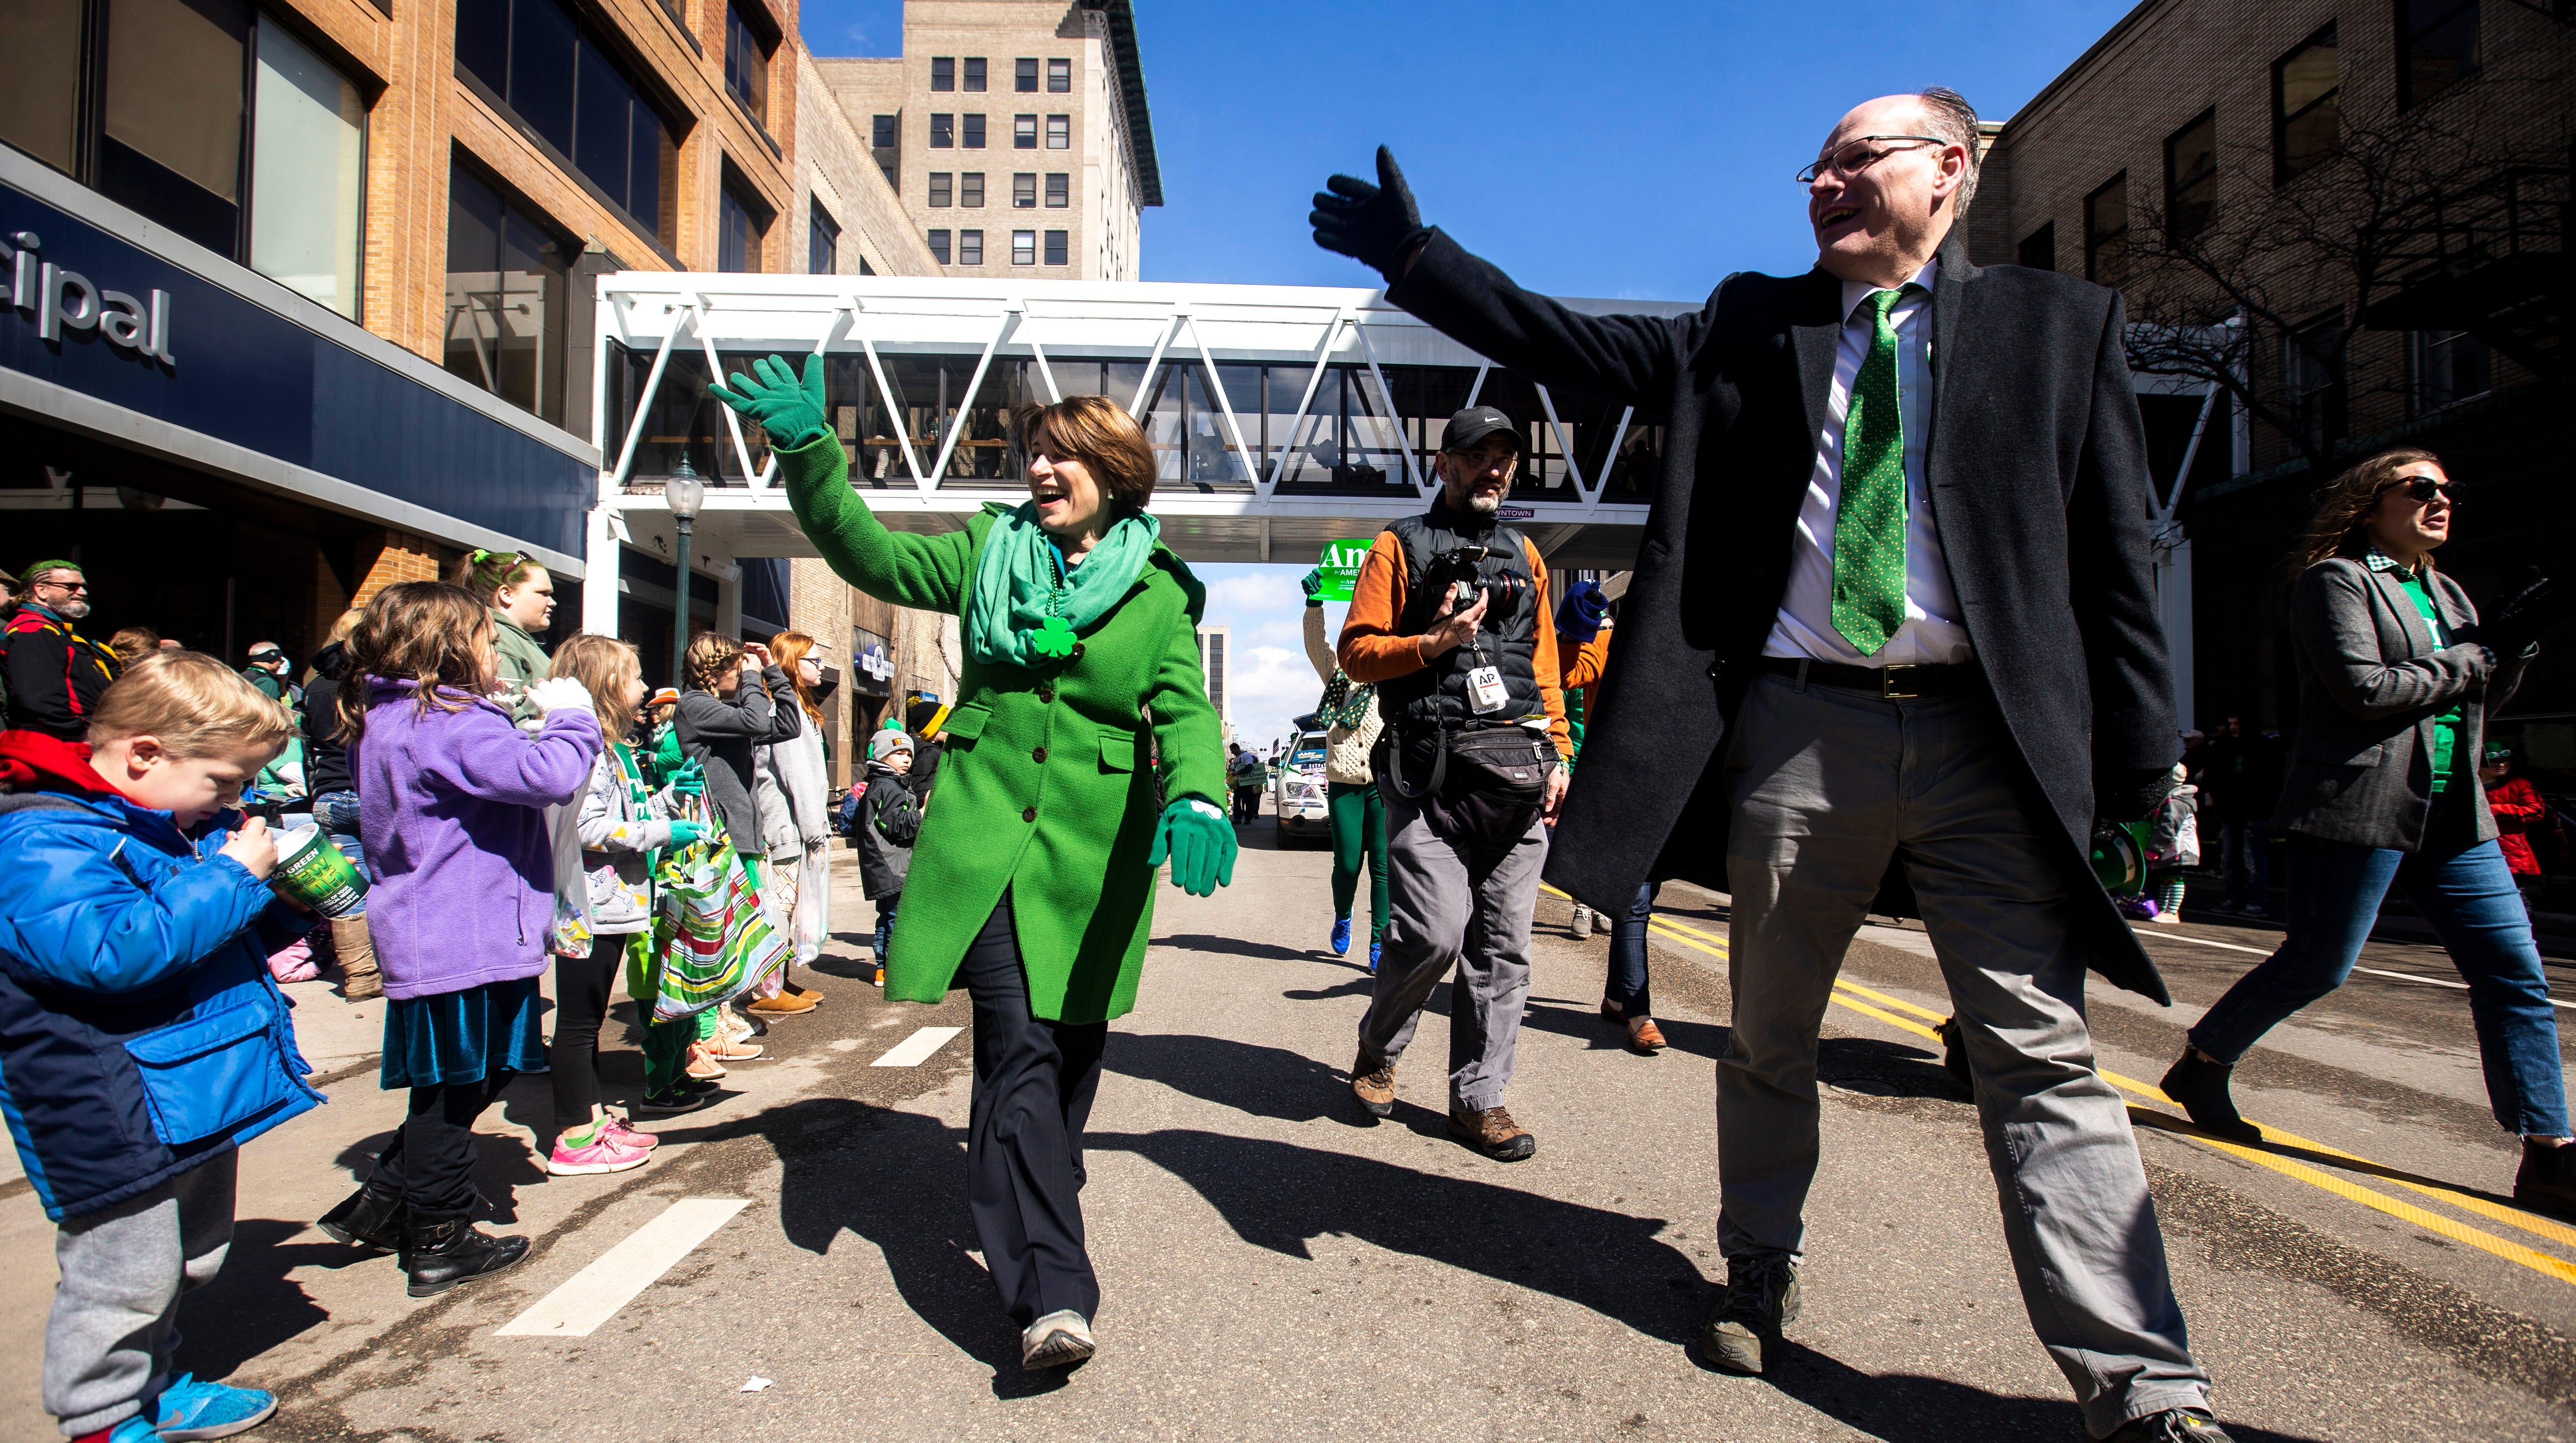 Amy Klobuchar walks St. Patrick's Day parade in Iowa